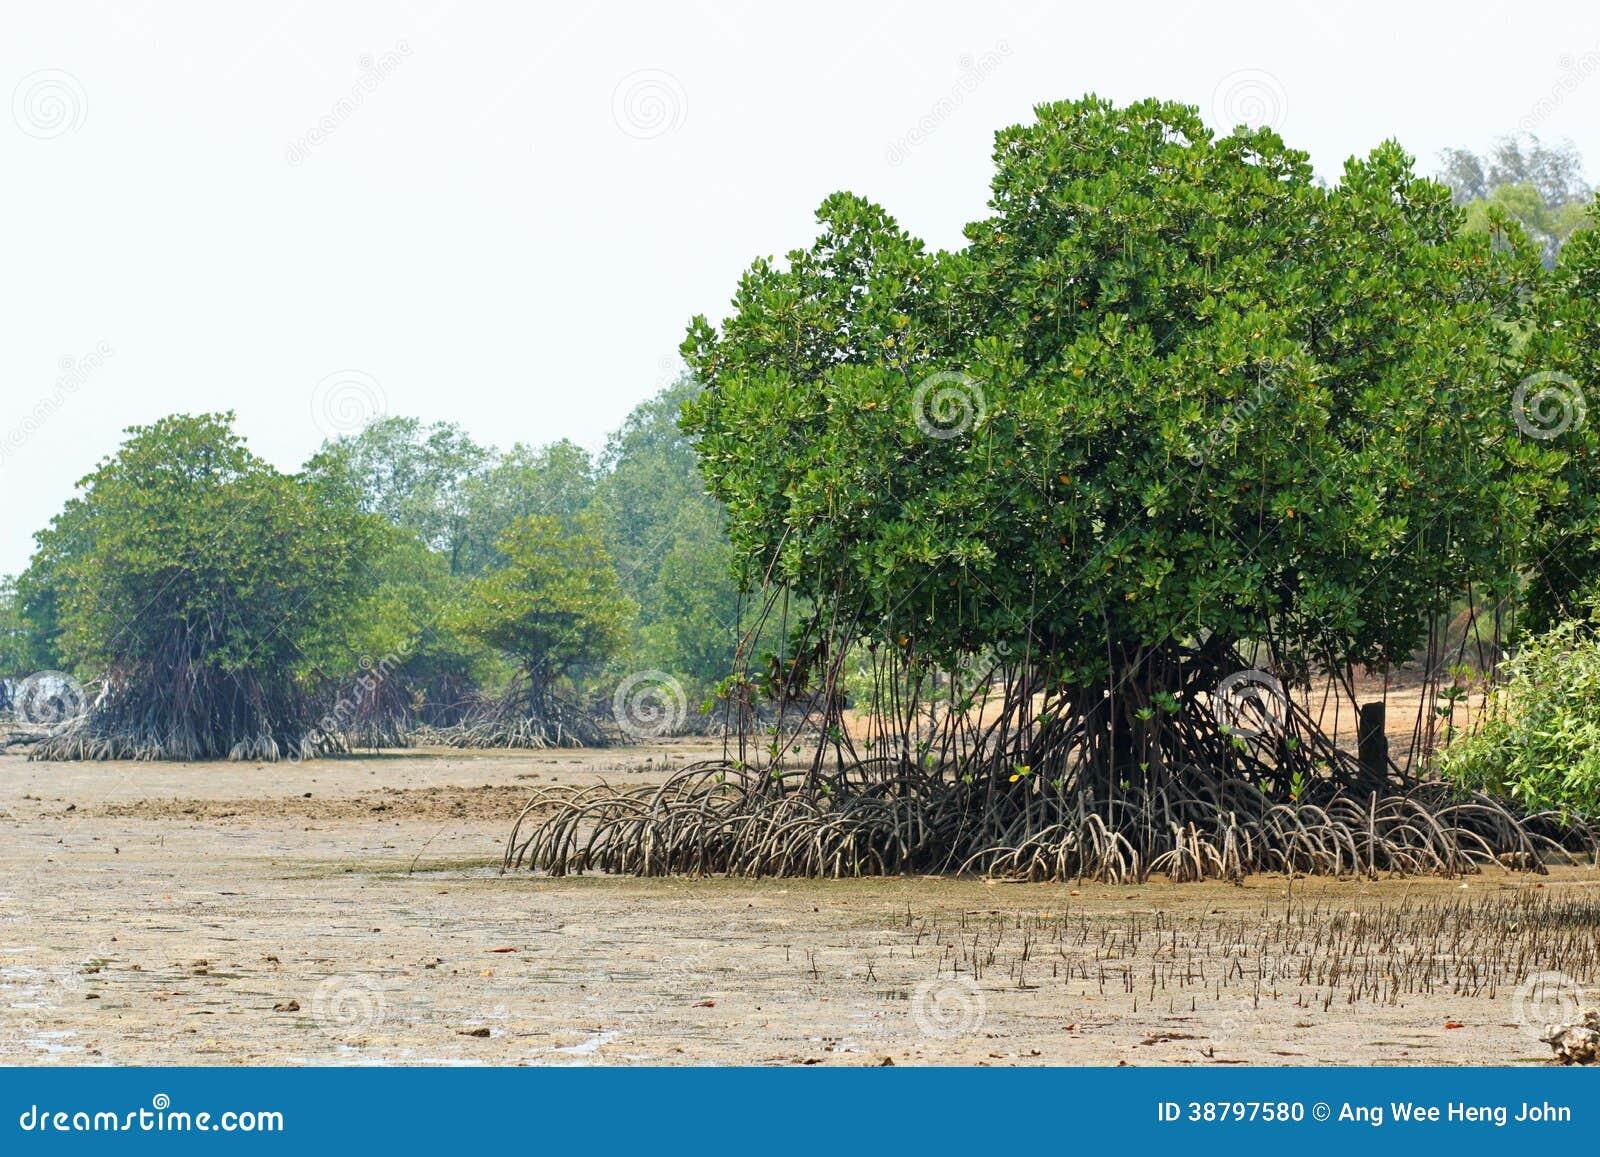 Rhizophoramangrove Mudflats